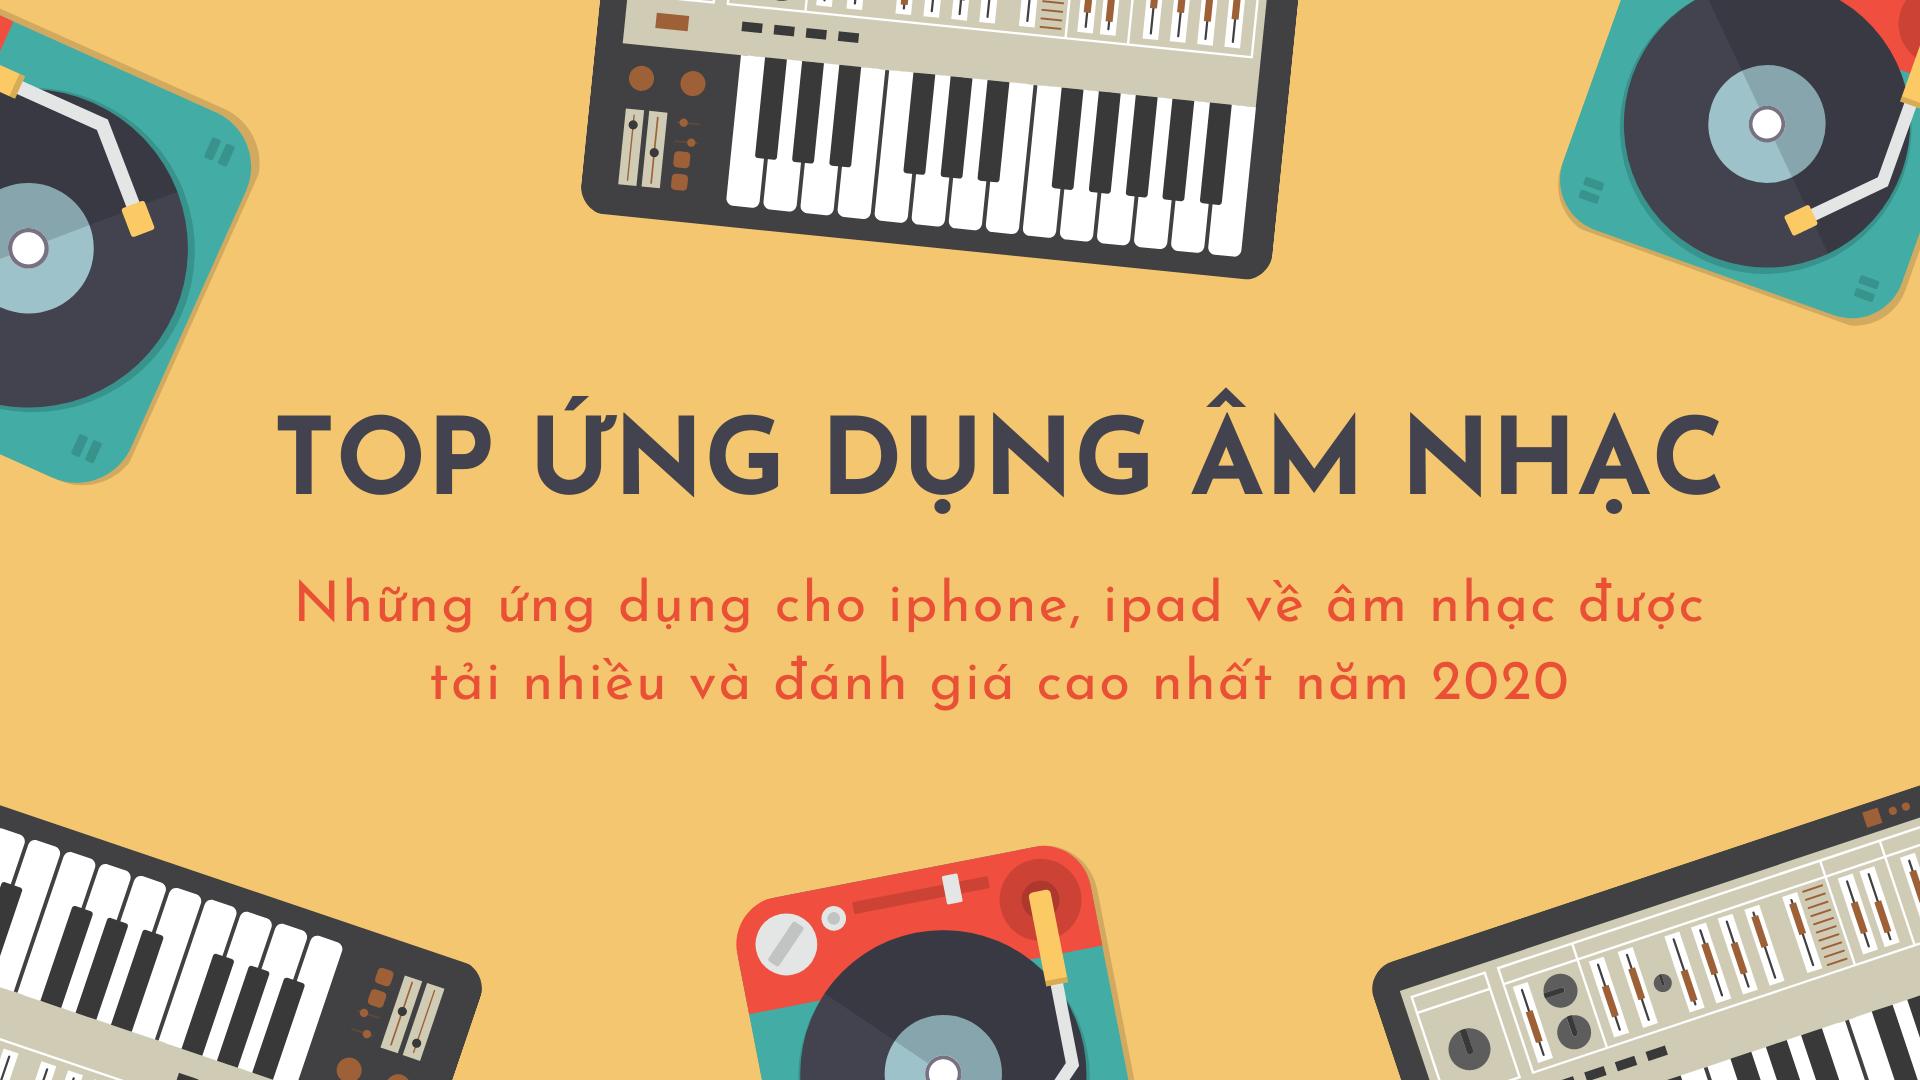 Top ứng dụng Âm nhạc - 2020